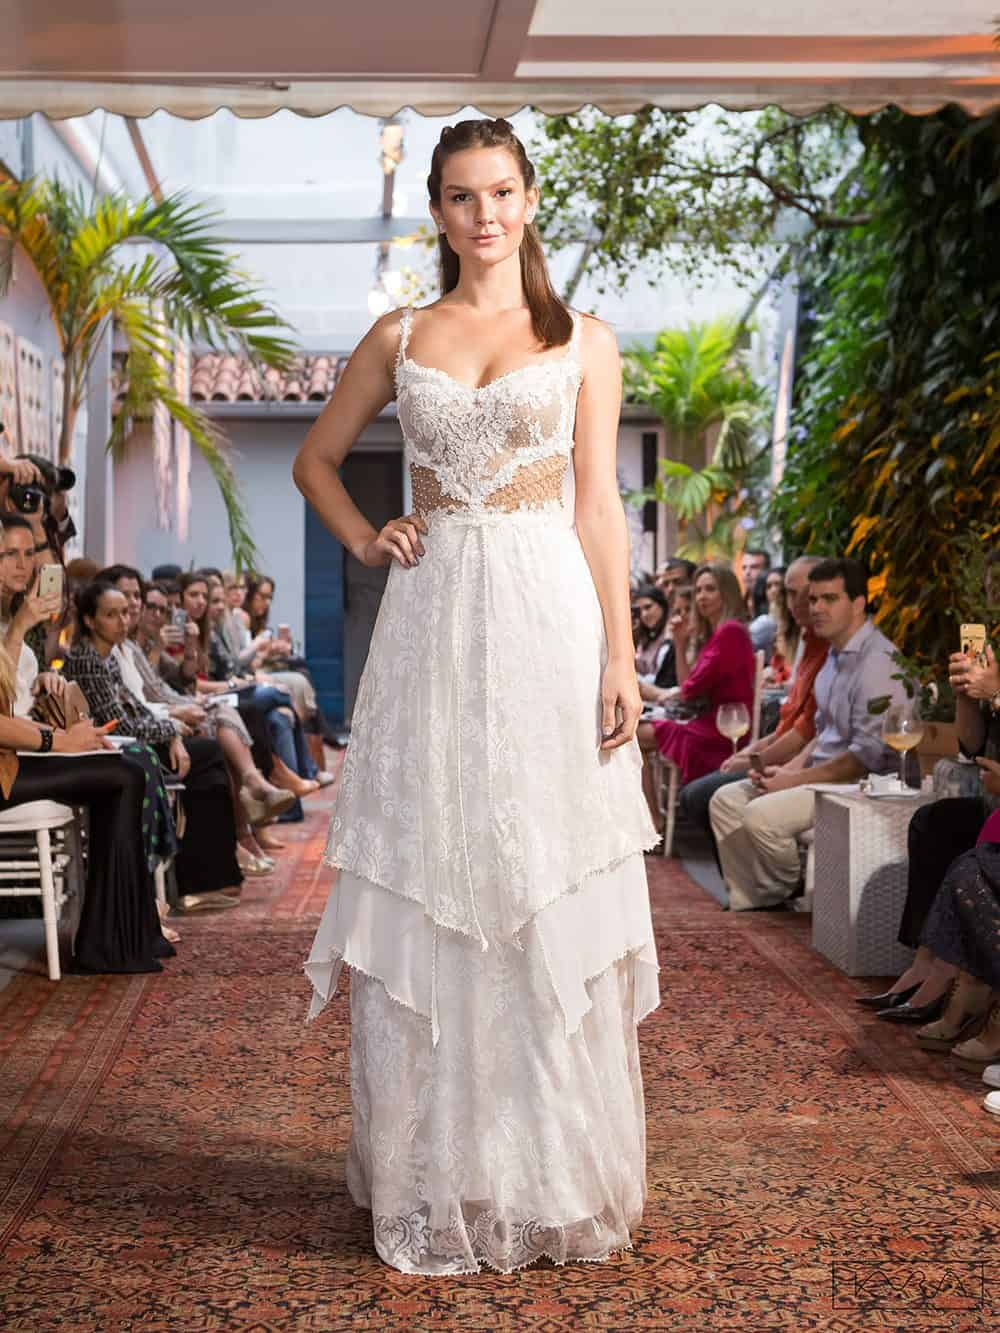 desfile-vestido-de-noiva-entardecer-julia-golldenzon-foto-kyra-mirsky-54